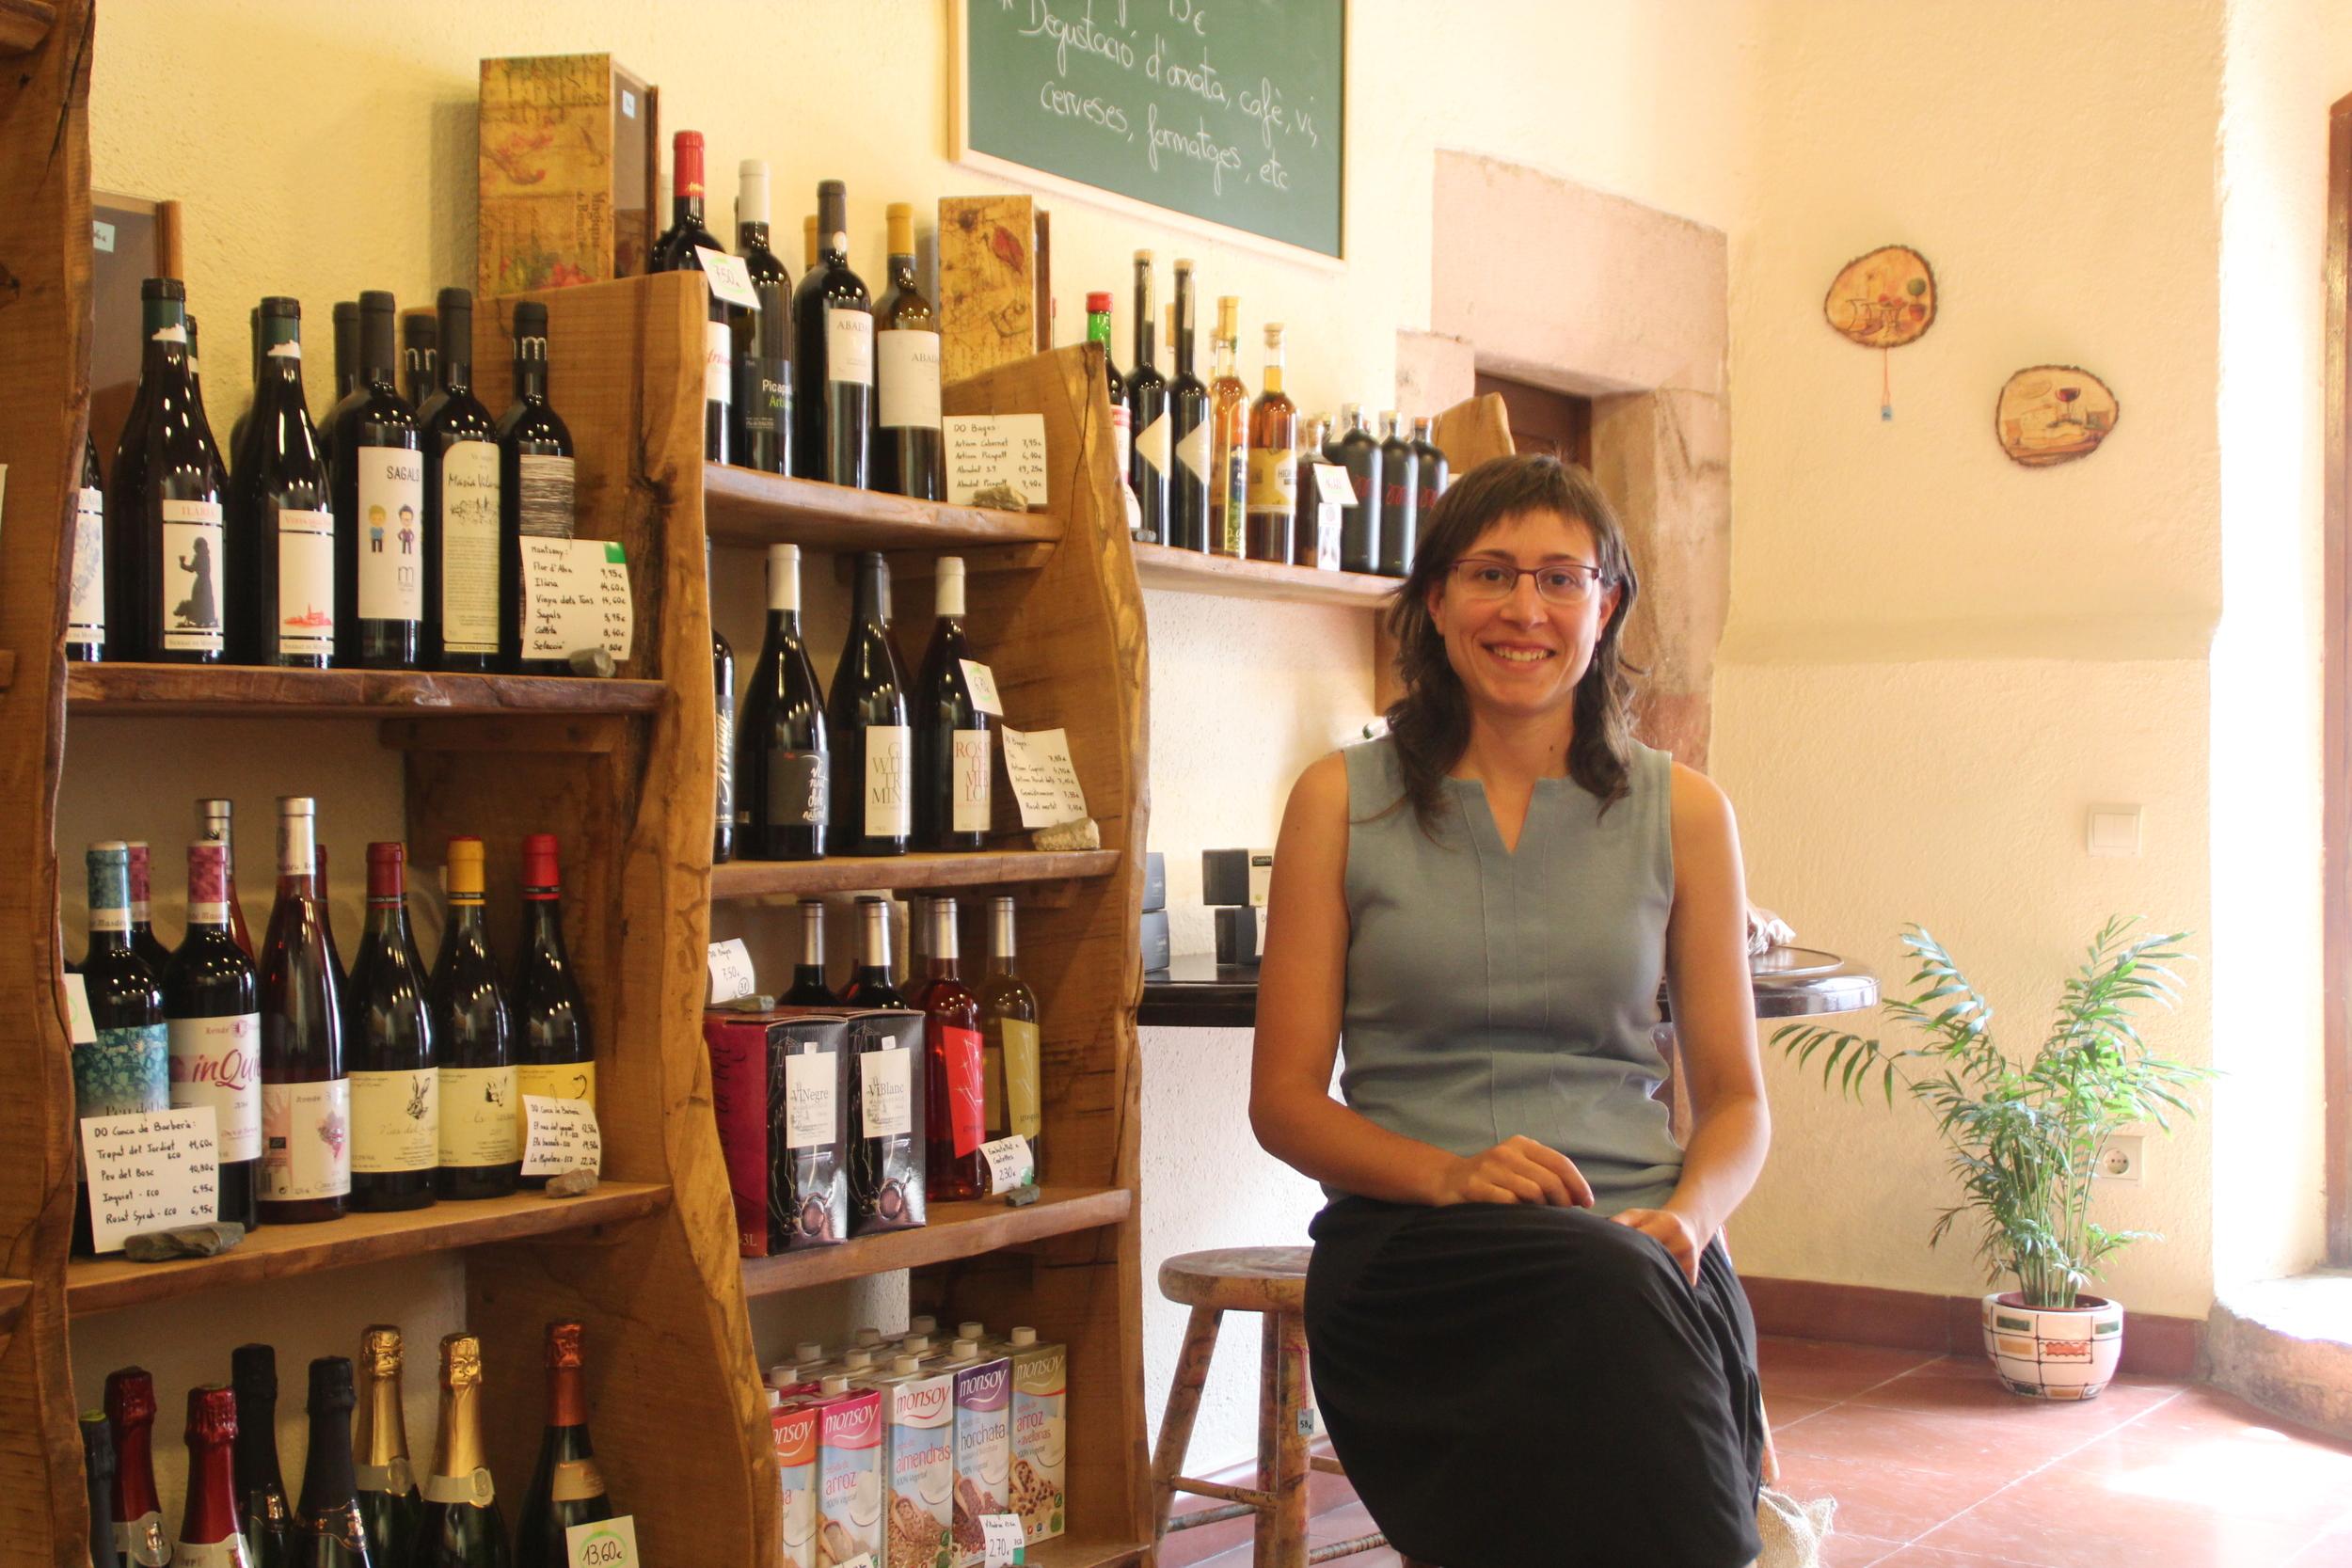 La biòloga Maria Alba Requesens és la propietària de La Bauxa.